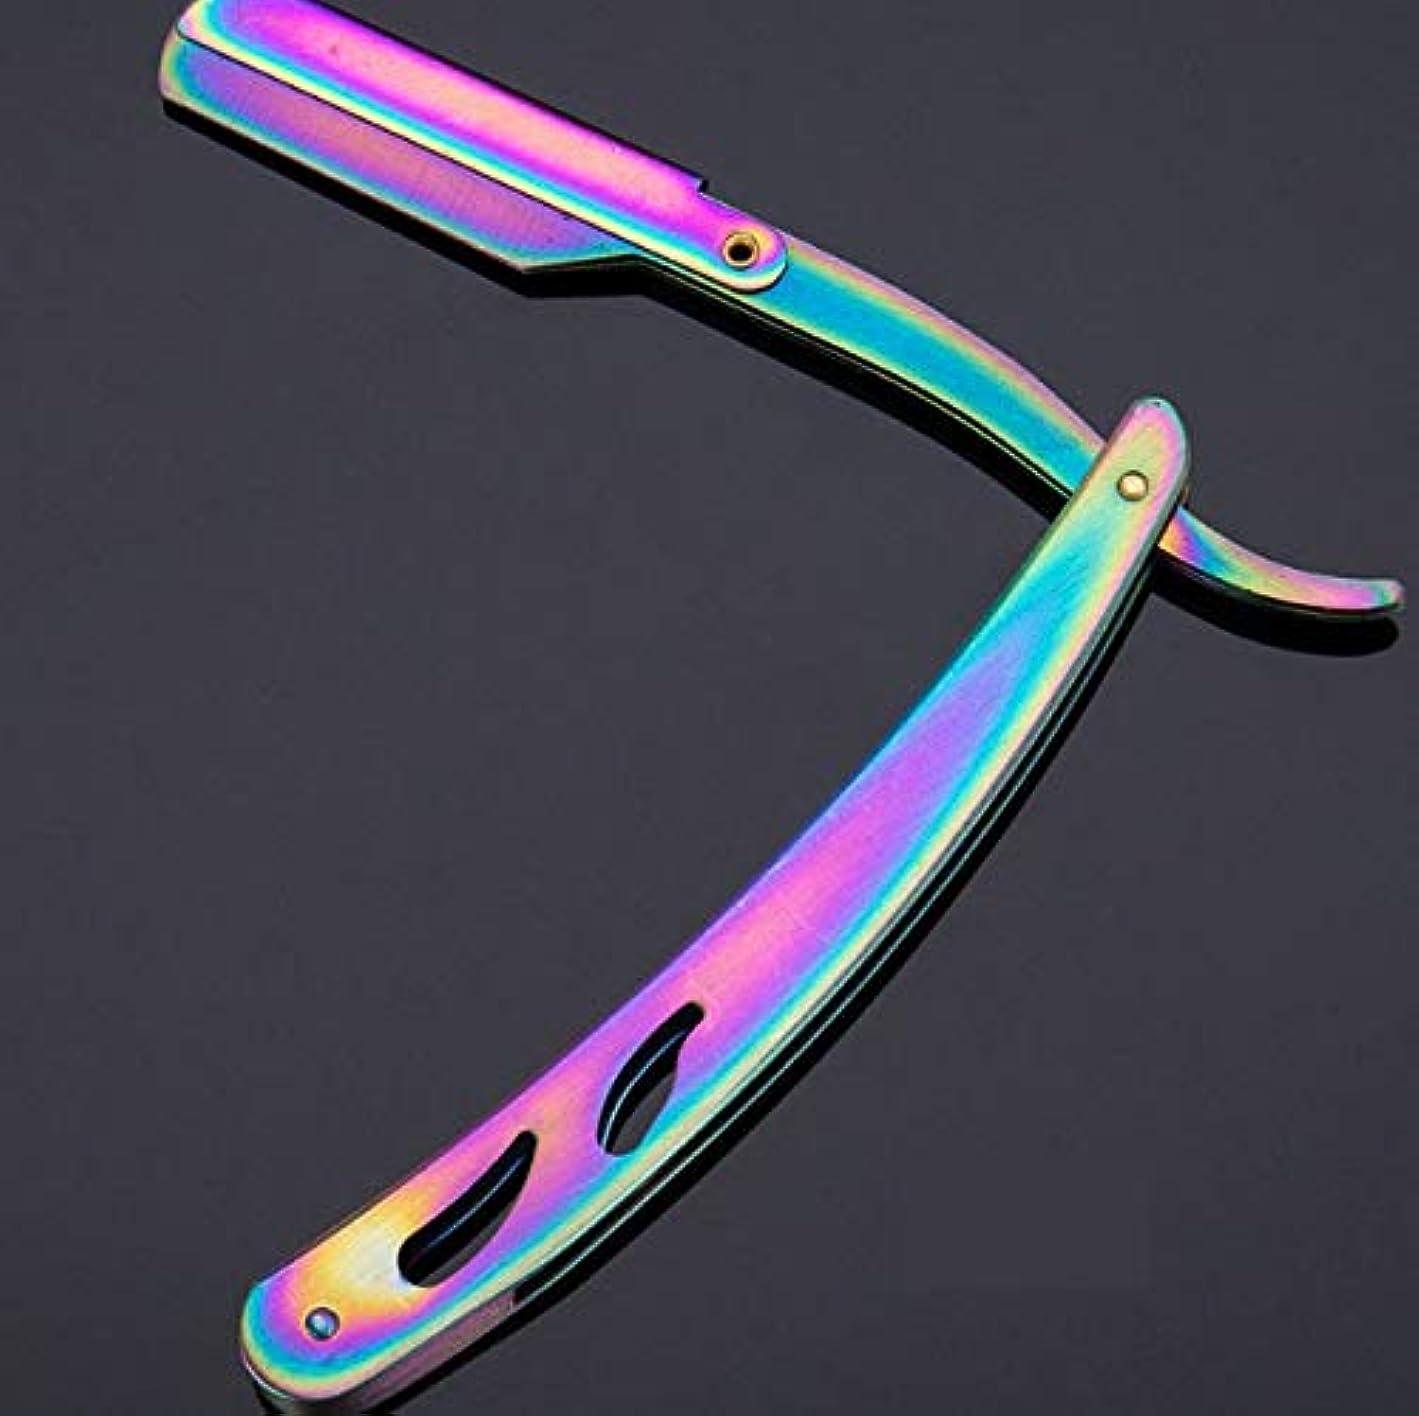 眉毛かみそり、男性のステンレス鋼ナイフホルダー、かみそりシェービングヘアおよび眉毛形削りナイフ、顔用化粧道具 (Color : Multi-colored)